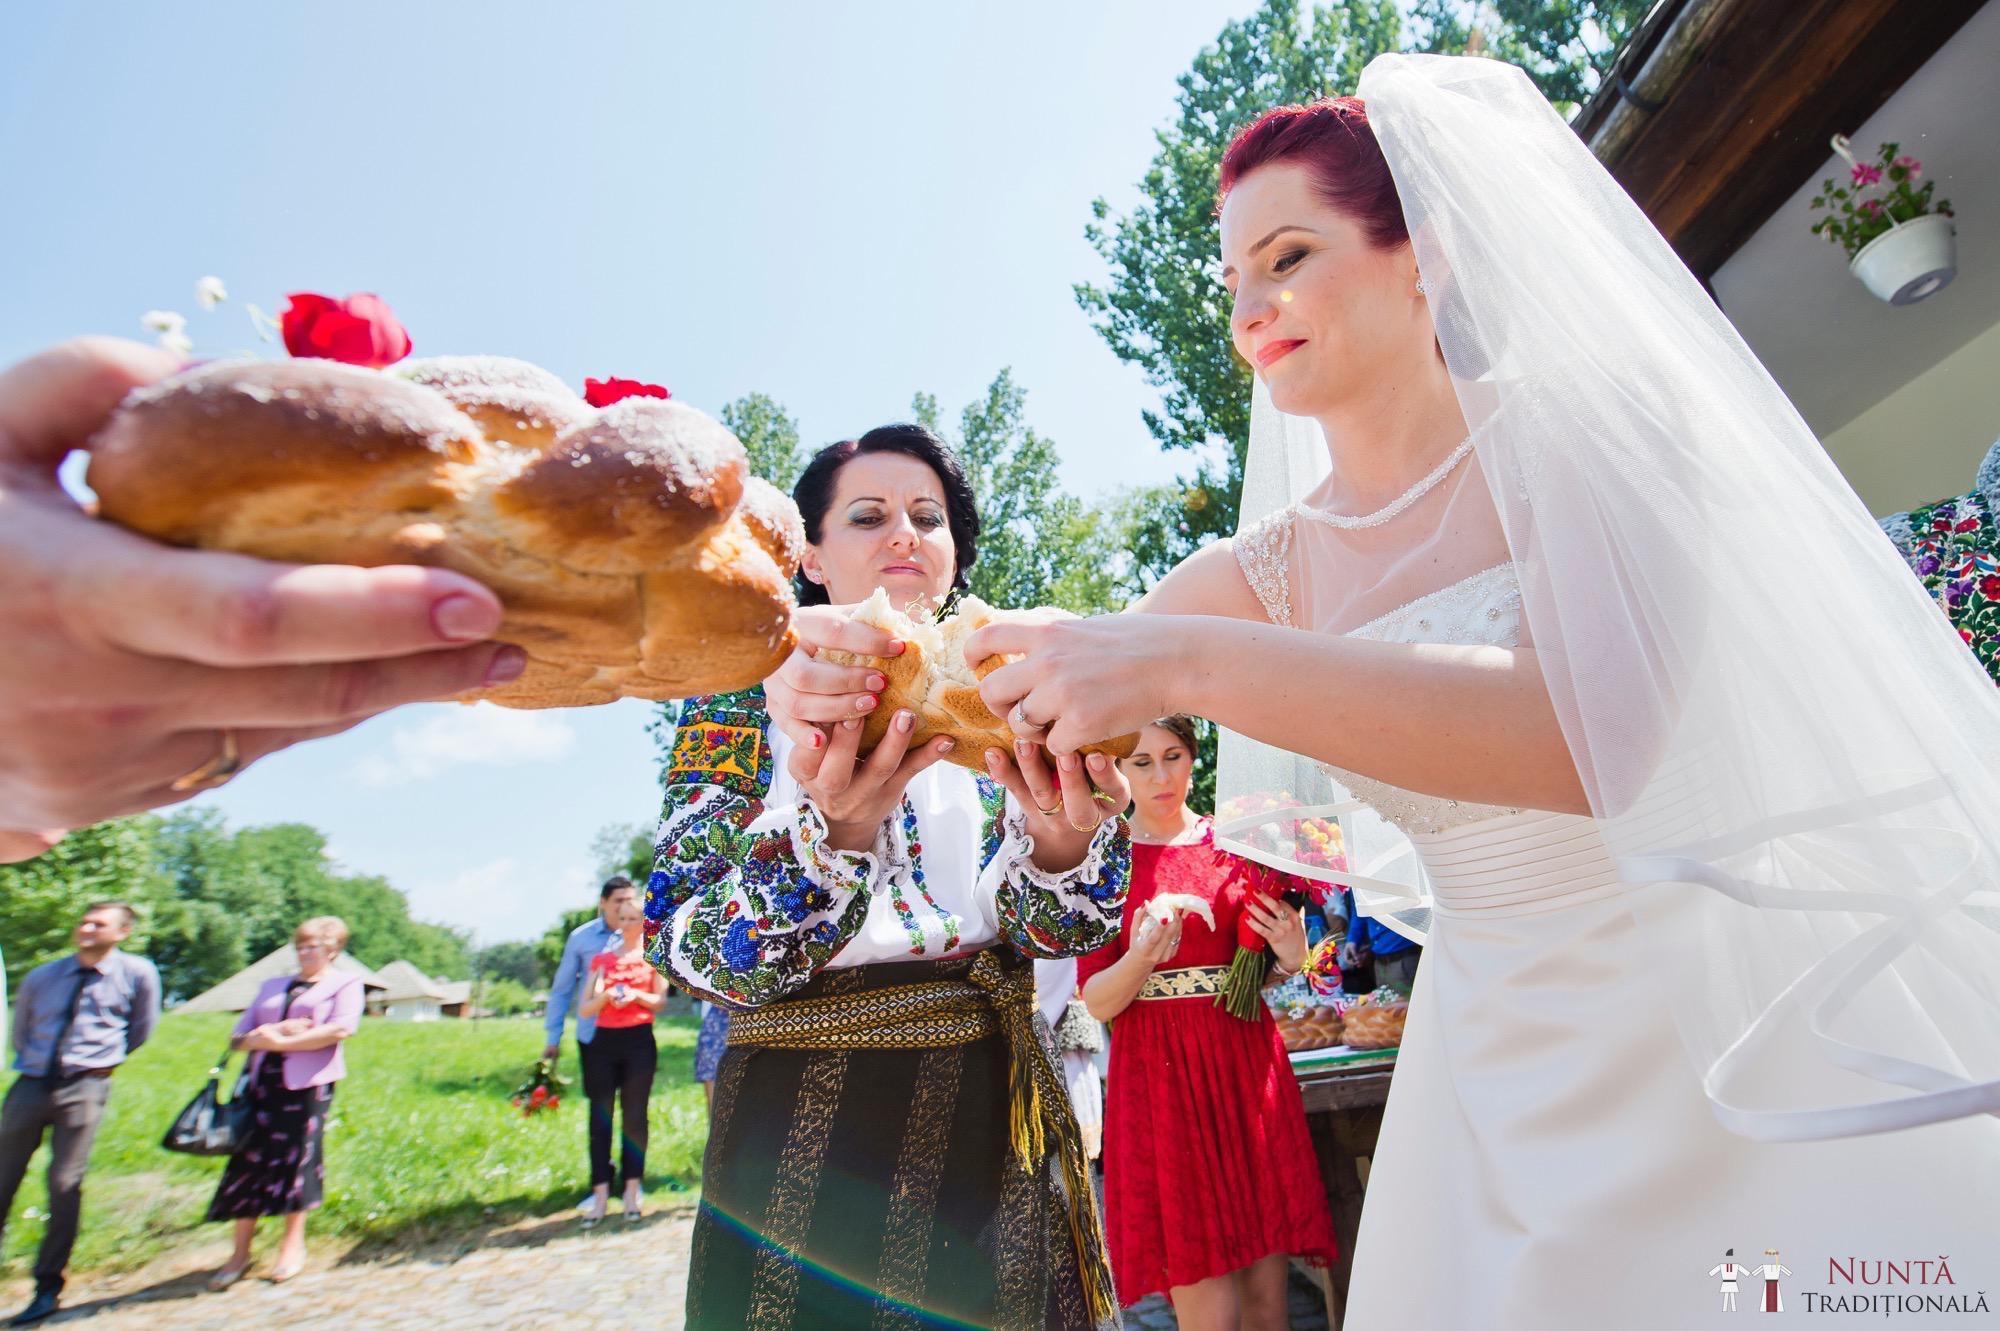 Povești Nunți Tradiționale - Gabriela și Mădălin - Nuntă Tradițională în Suceava, Bucovina 74